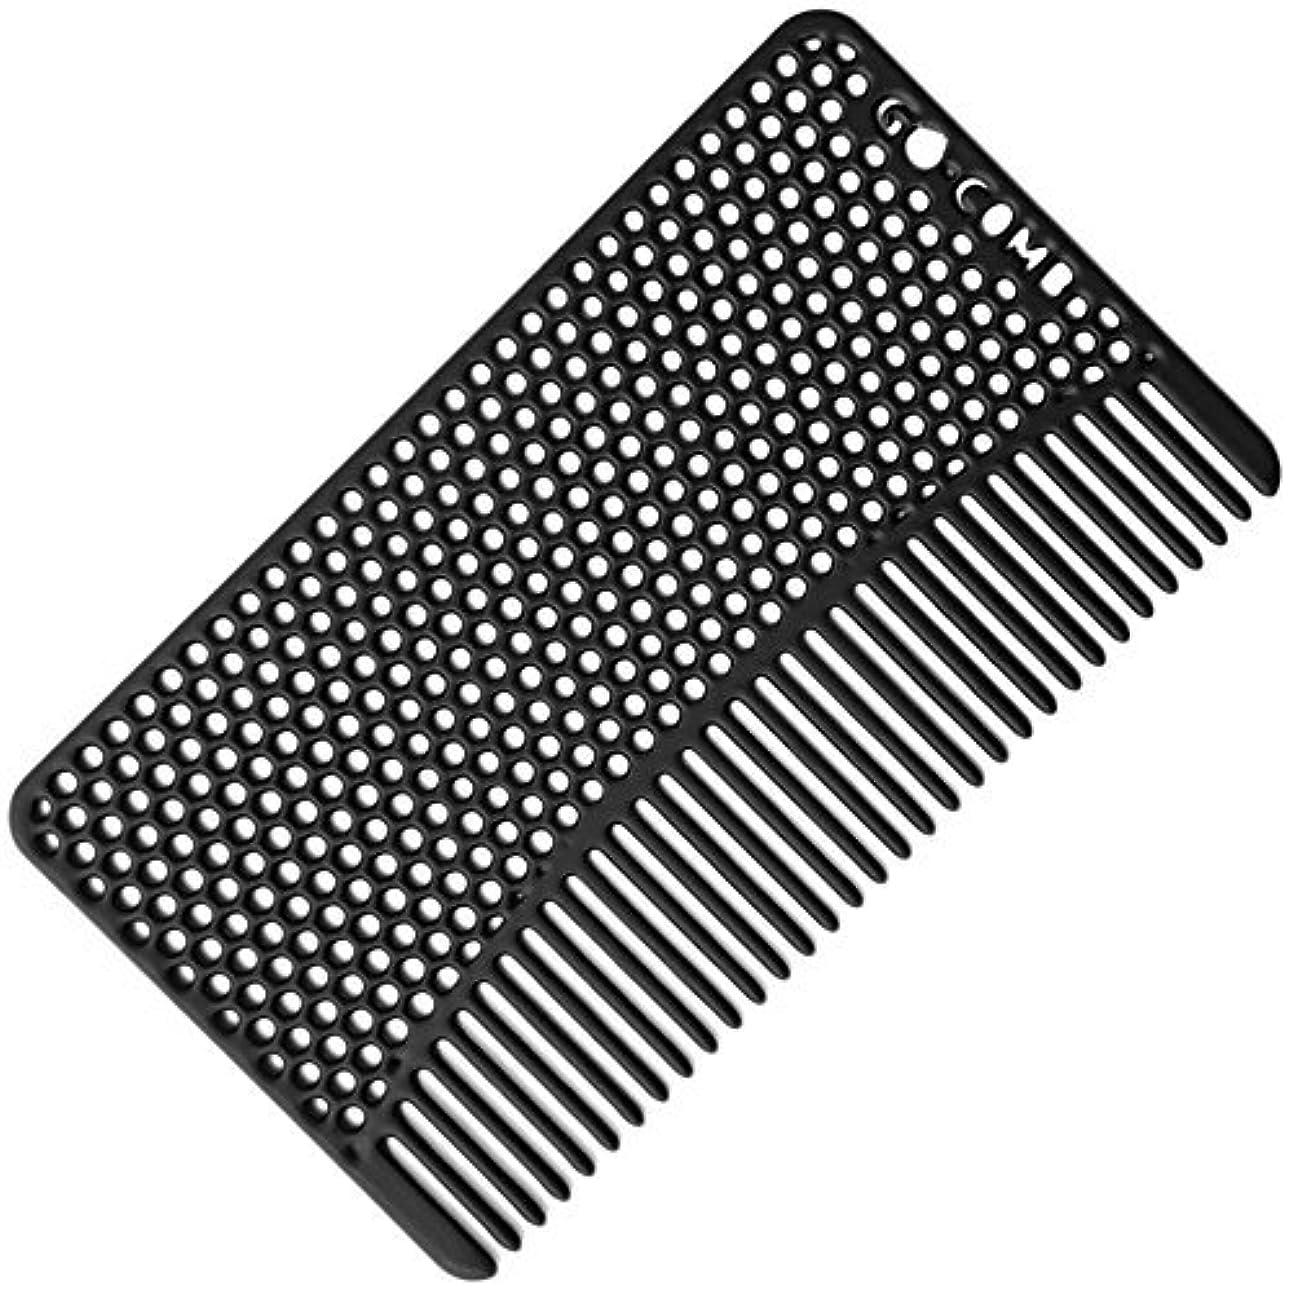 韓国語締める減少Go-Comb - Wallet Comb - Sleek, Durable Stainless Steel Hair and Beard Comb - Black [並行輸入品]